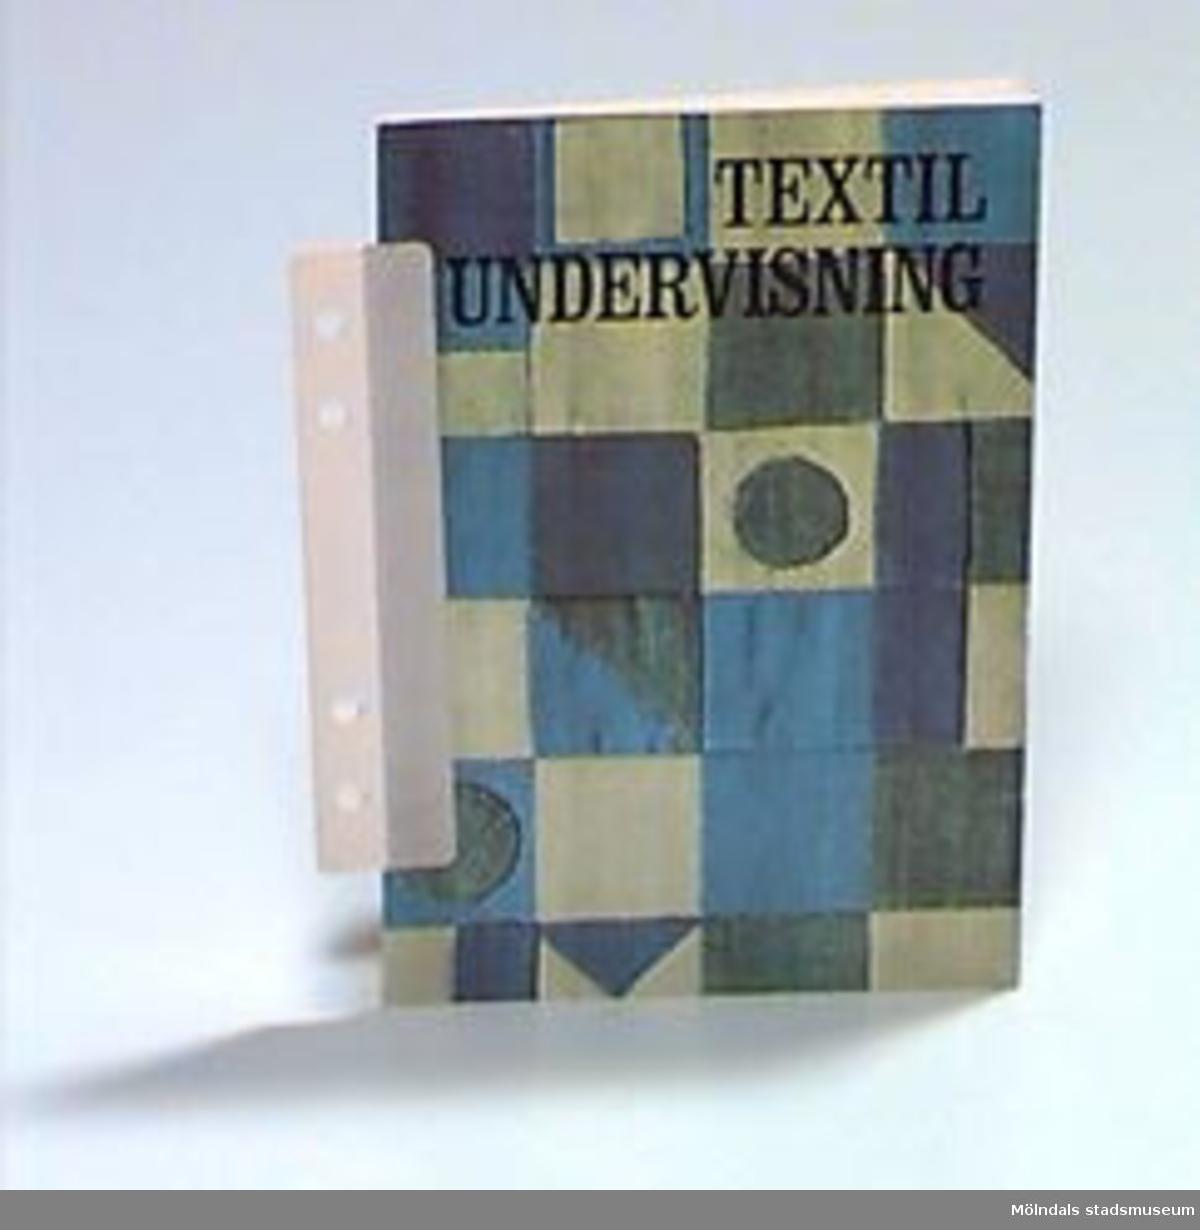 """""""Textilundervisning"""" - ett tunt häfte som beskriver huvudmomenten i textilundervisning. Omslaget är ett fotograferat lappverk i gröna och blå nyanser. Klisterlapp med Birgit Ekstrands namn och adress på insidan av omslaget.I ryggen är två hålslagna pappbitar klistrade för att häftet ska kunna sättas i en pärm.Övriga uppgifter se 02643:1."""